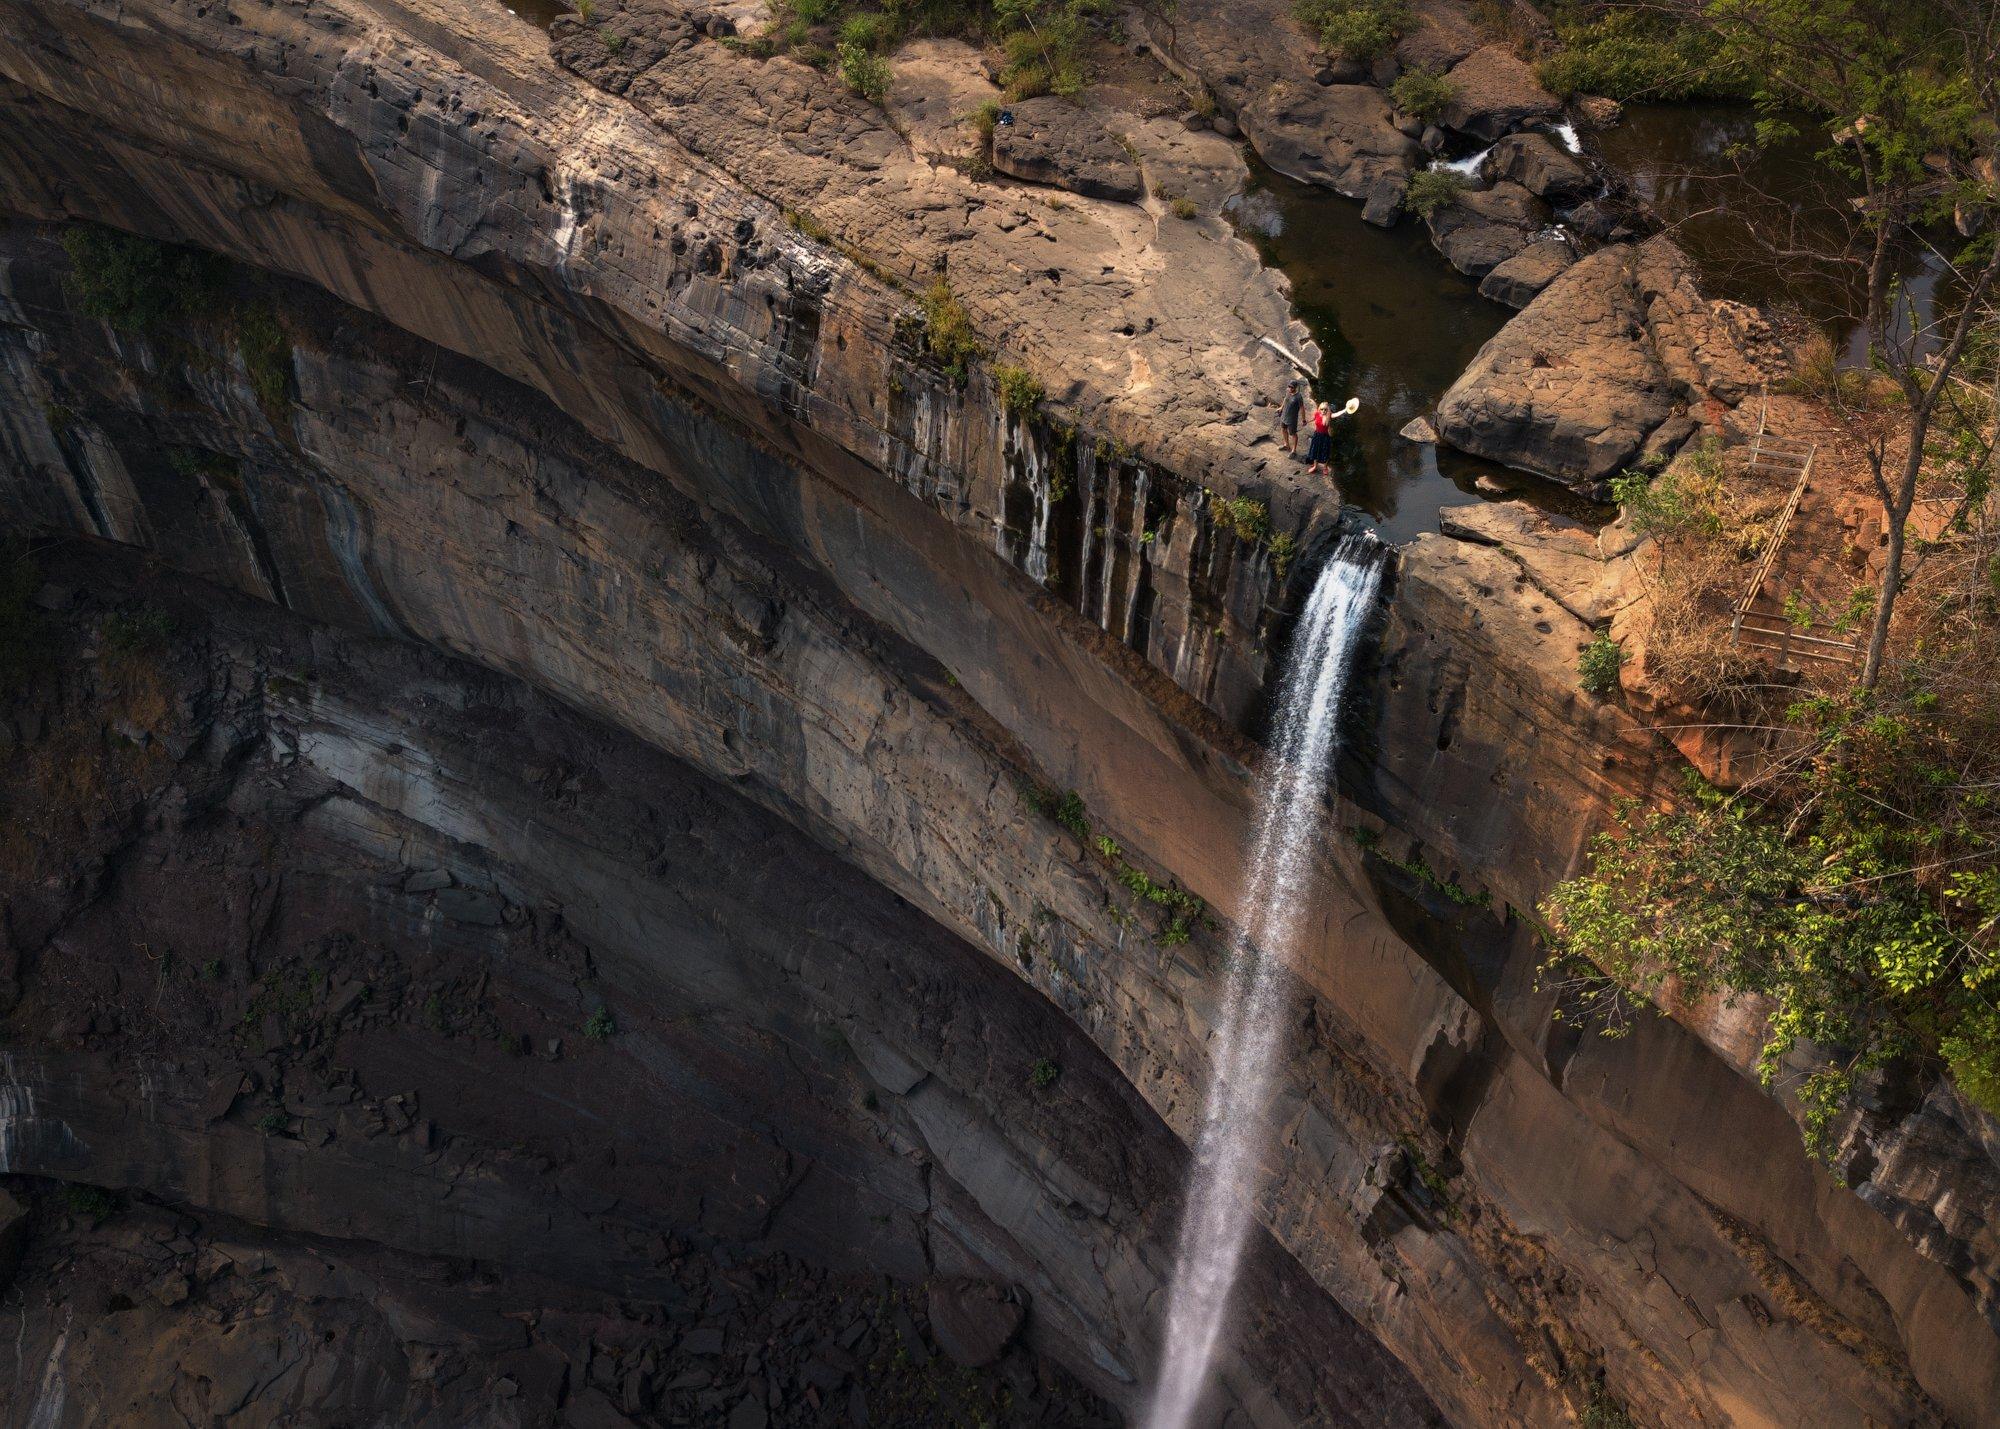 лаос, азия, водопад, laos, asia, waterfall, Владимир Куцый (Vlad Kutsey)